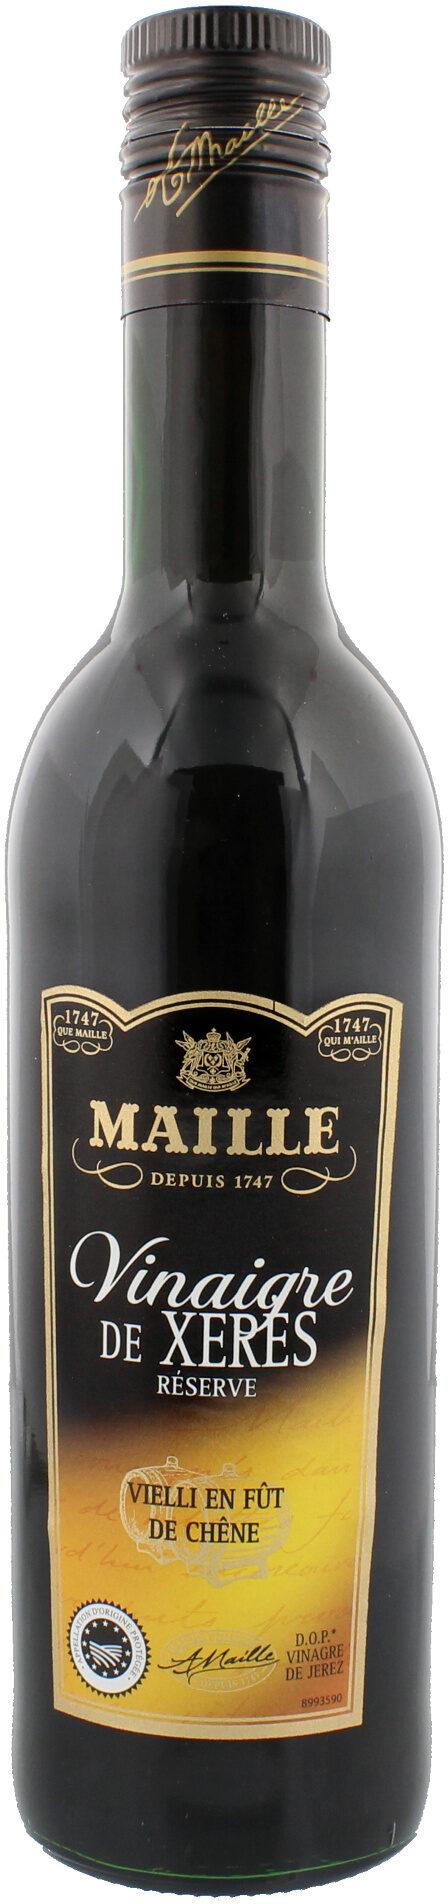 Maille Vinaigre de Xérès - Product - fr